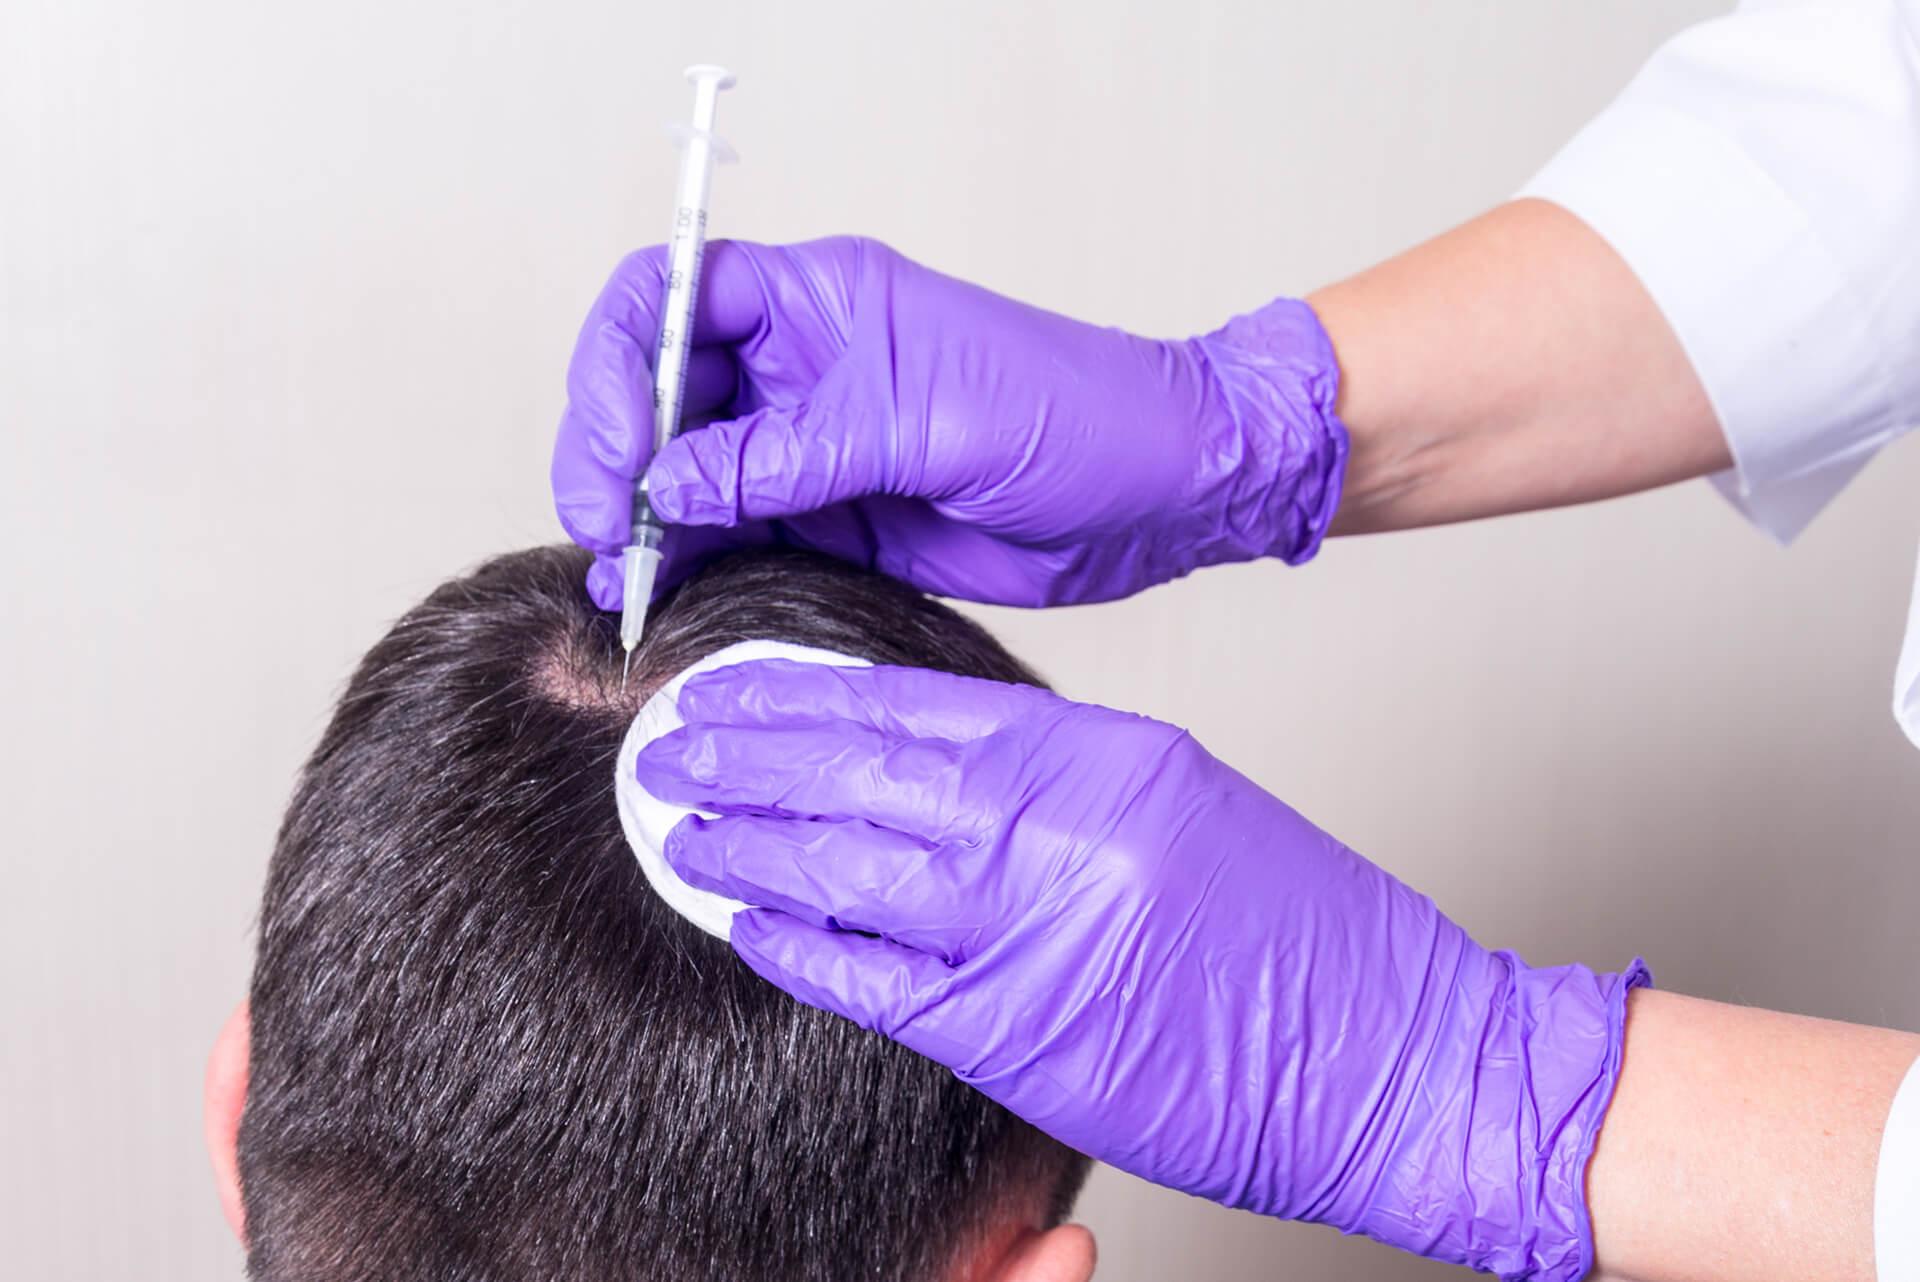 ¿Soy demasiado viejo para la cirugía de trasplante de pelo?